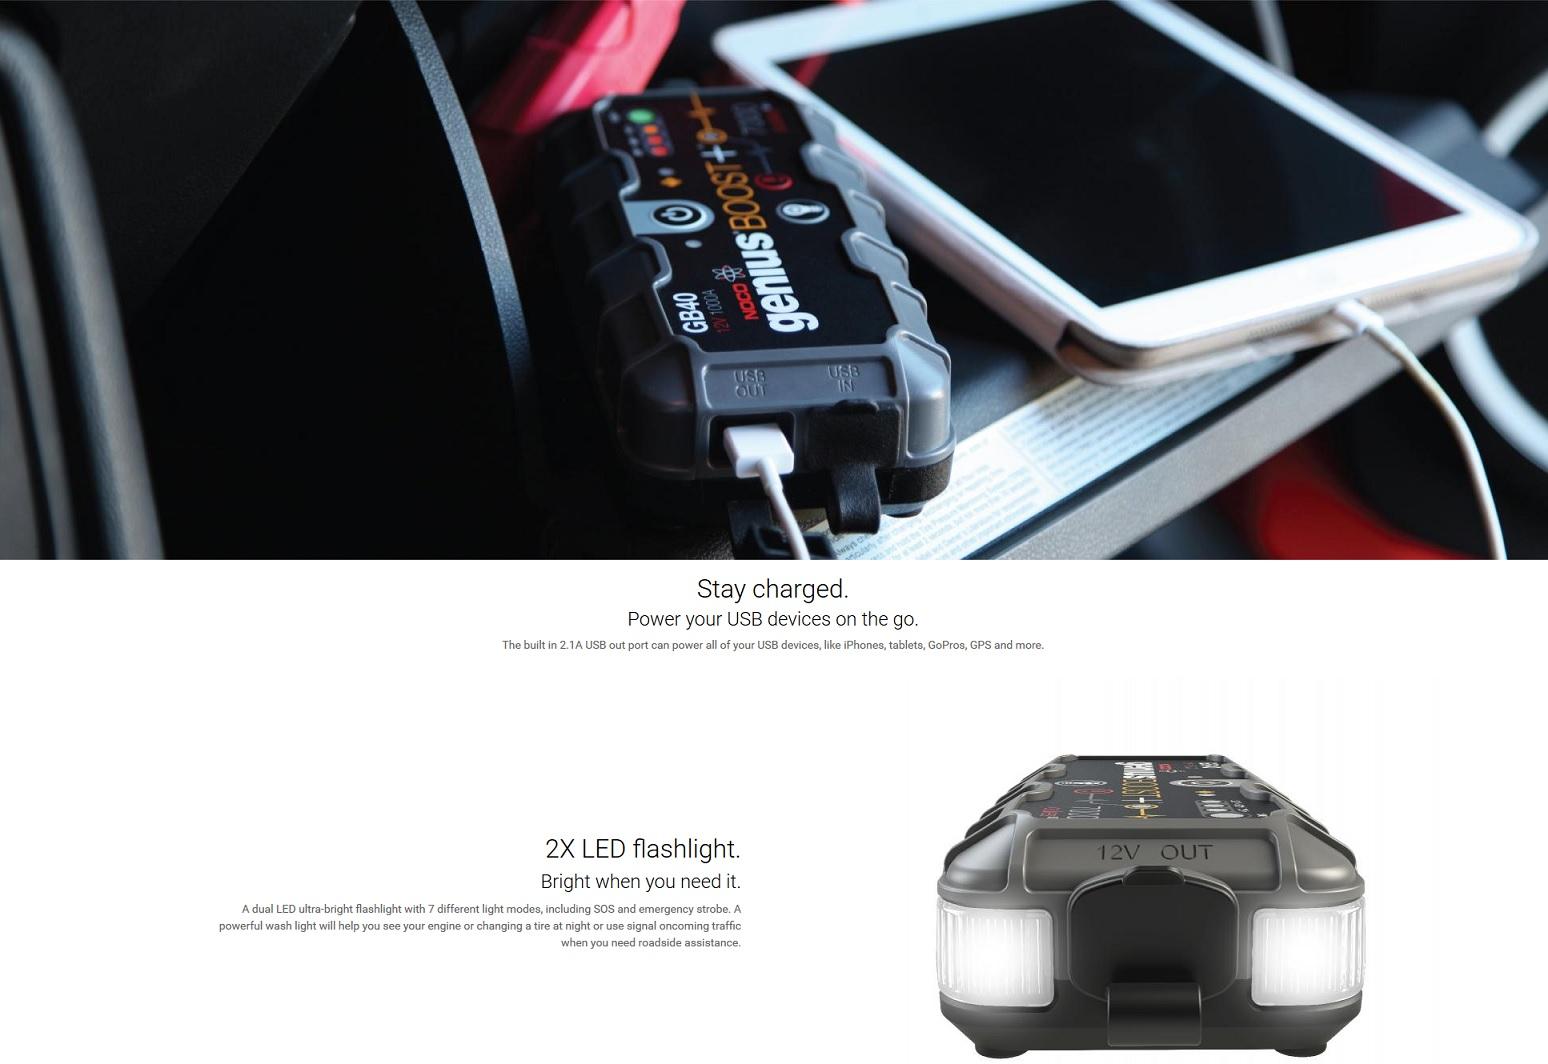 http://shop.evolta.cl/img/descriptions/gb4012.jpg